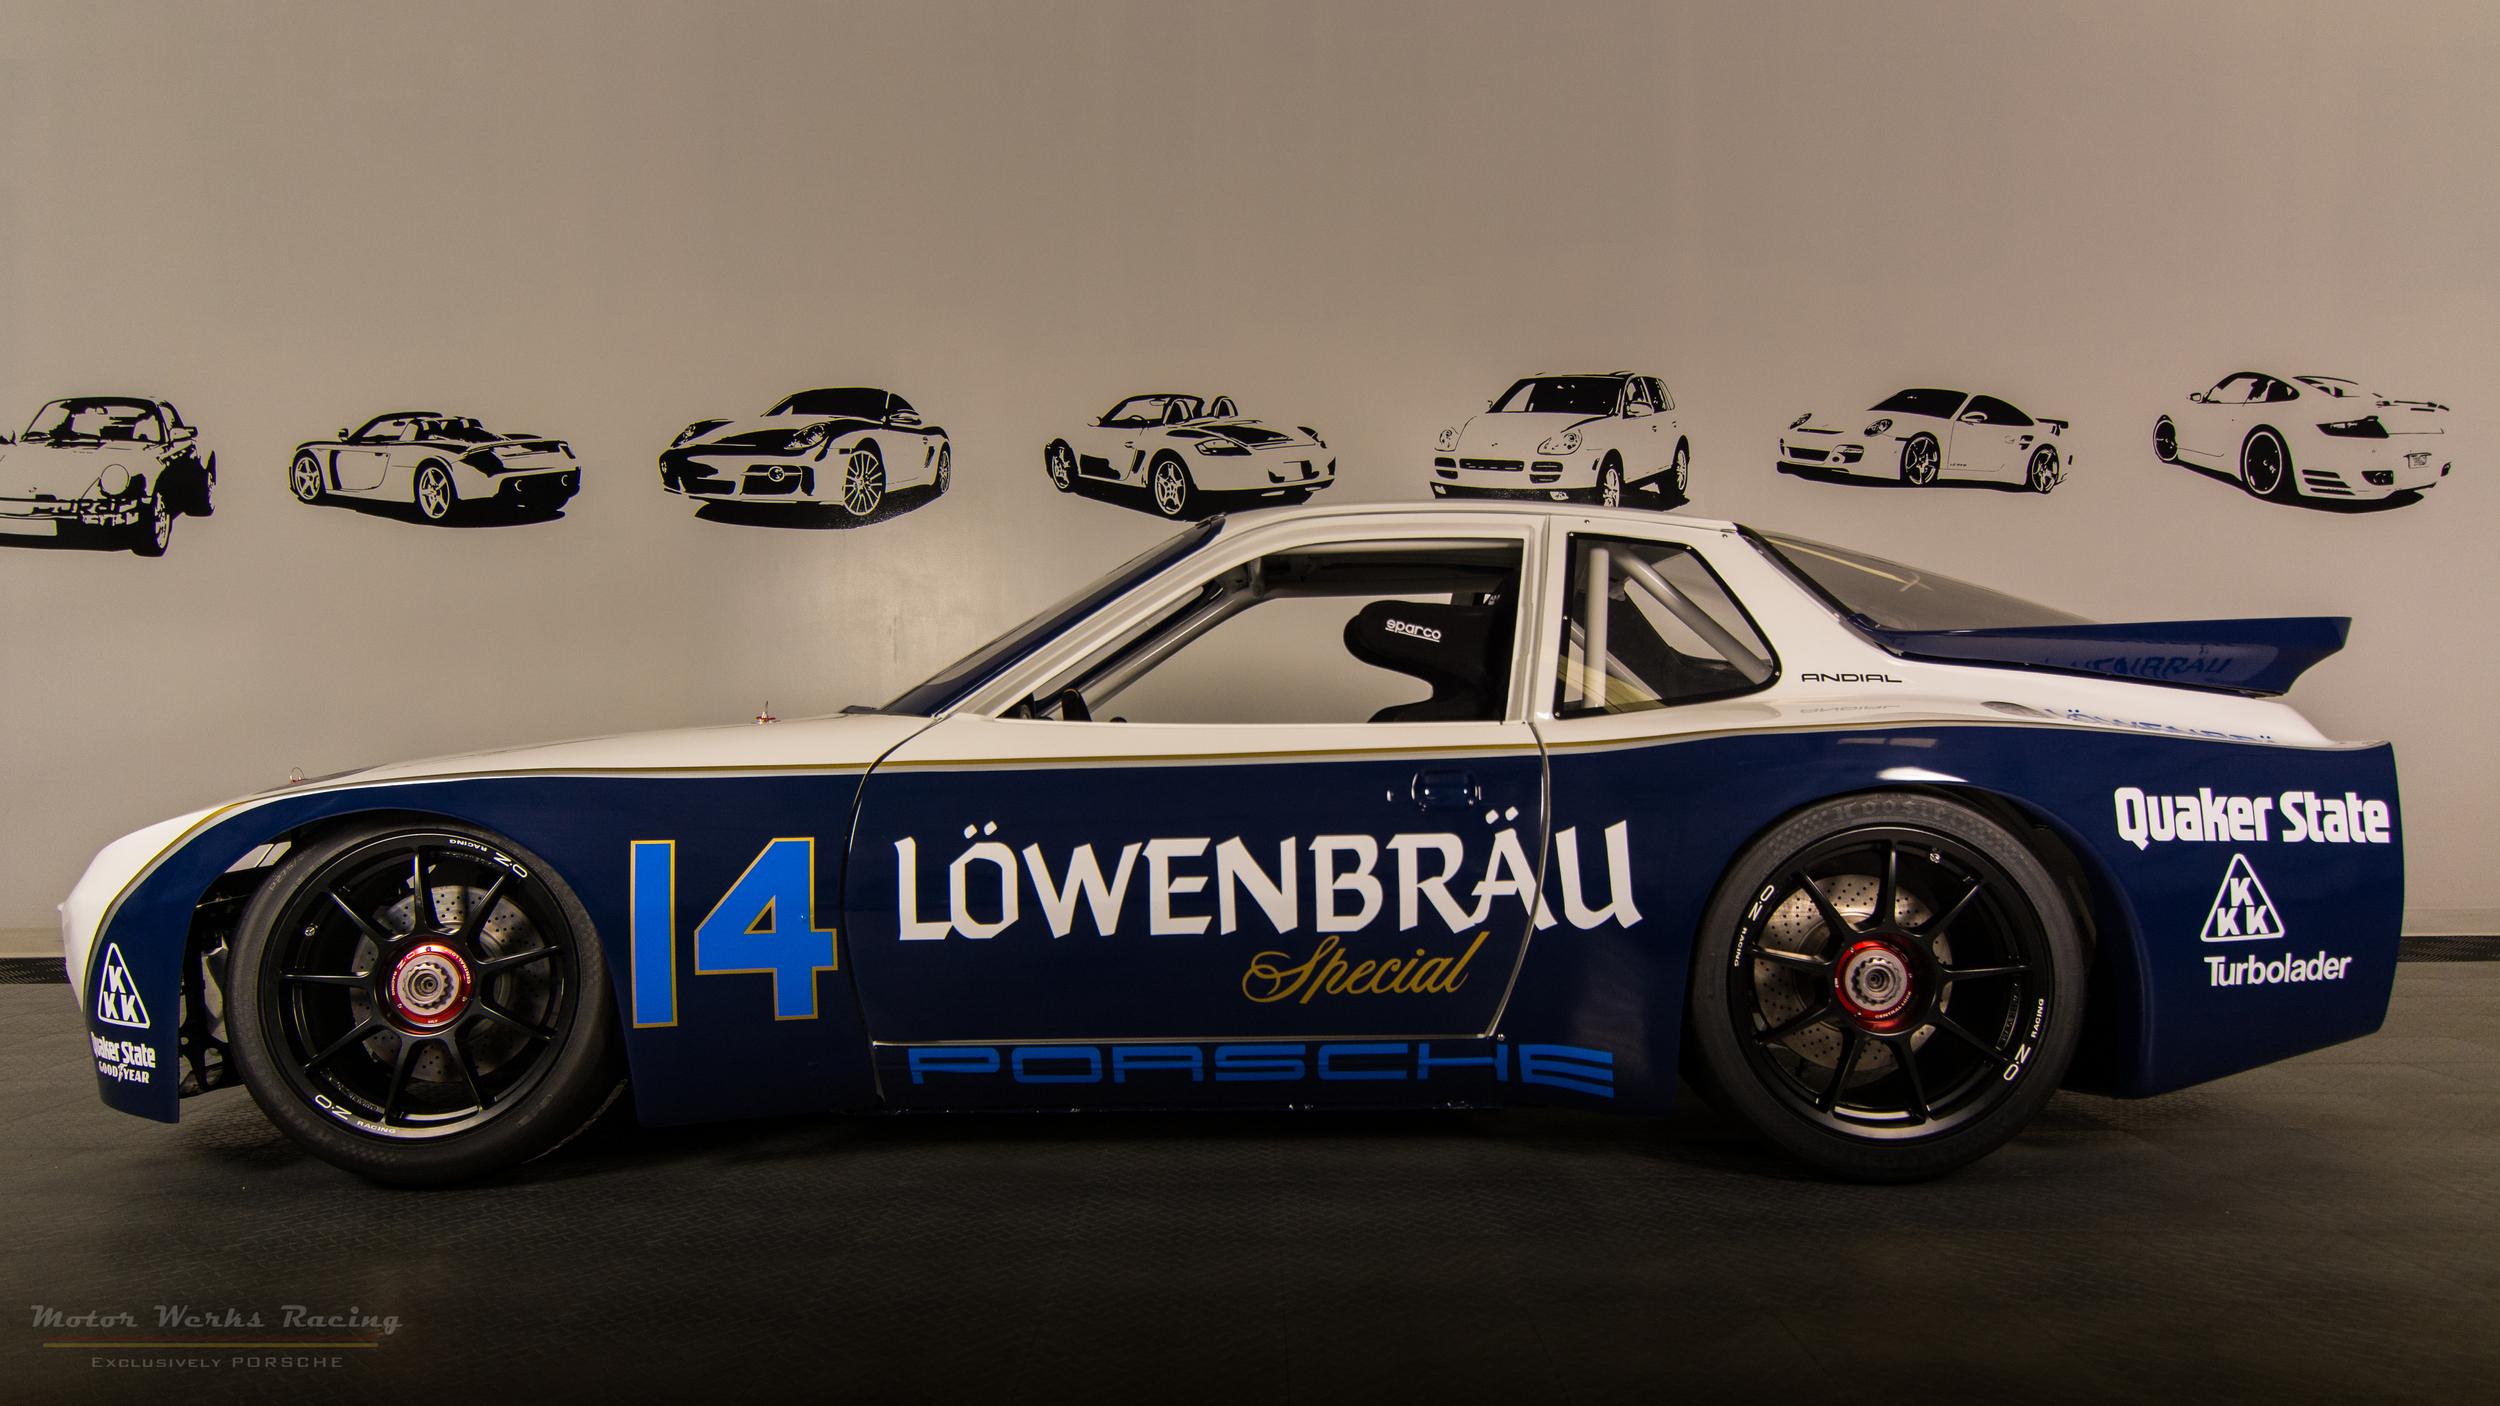 MWR Lownbrau-101.jpg